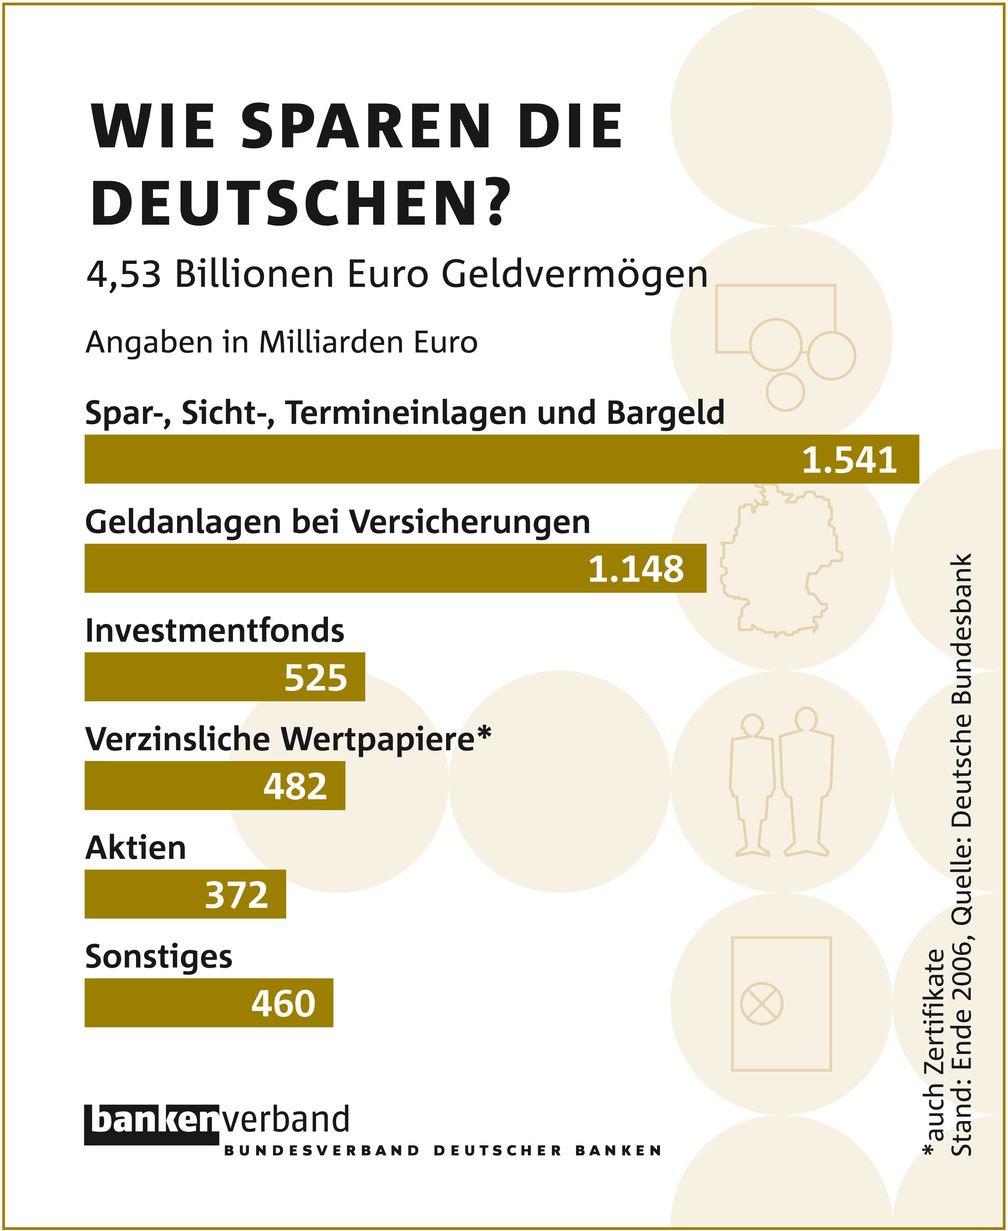 wie sparen die deutschen bildquelle deutsche bundesbank extremnews die etwas anderen. Black Bedroom Furniture Sets. Home Design Ideas